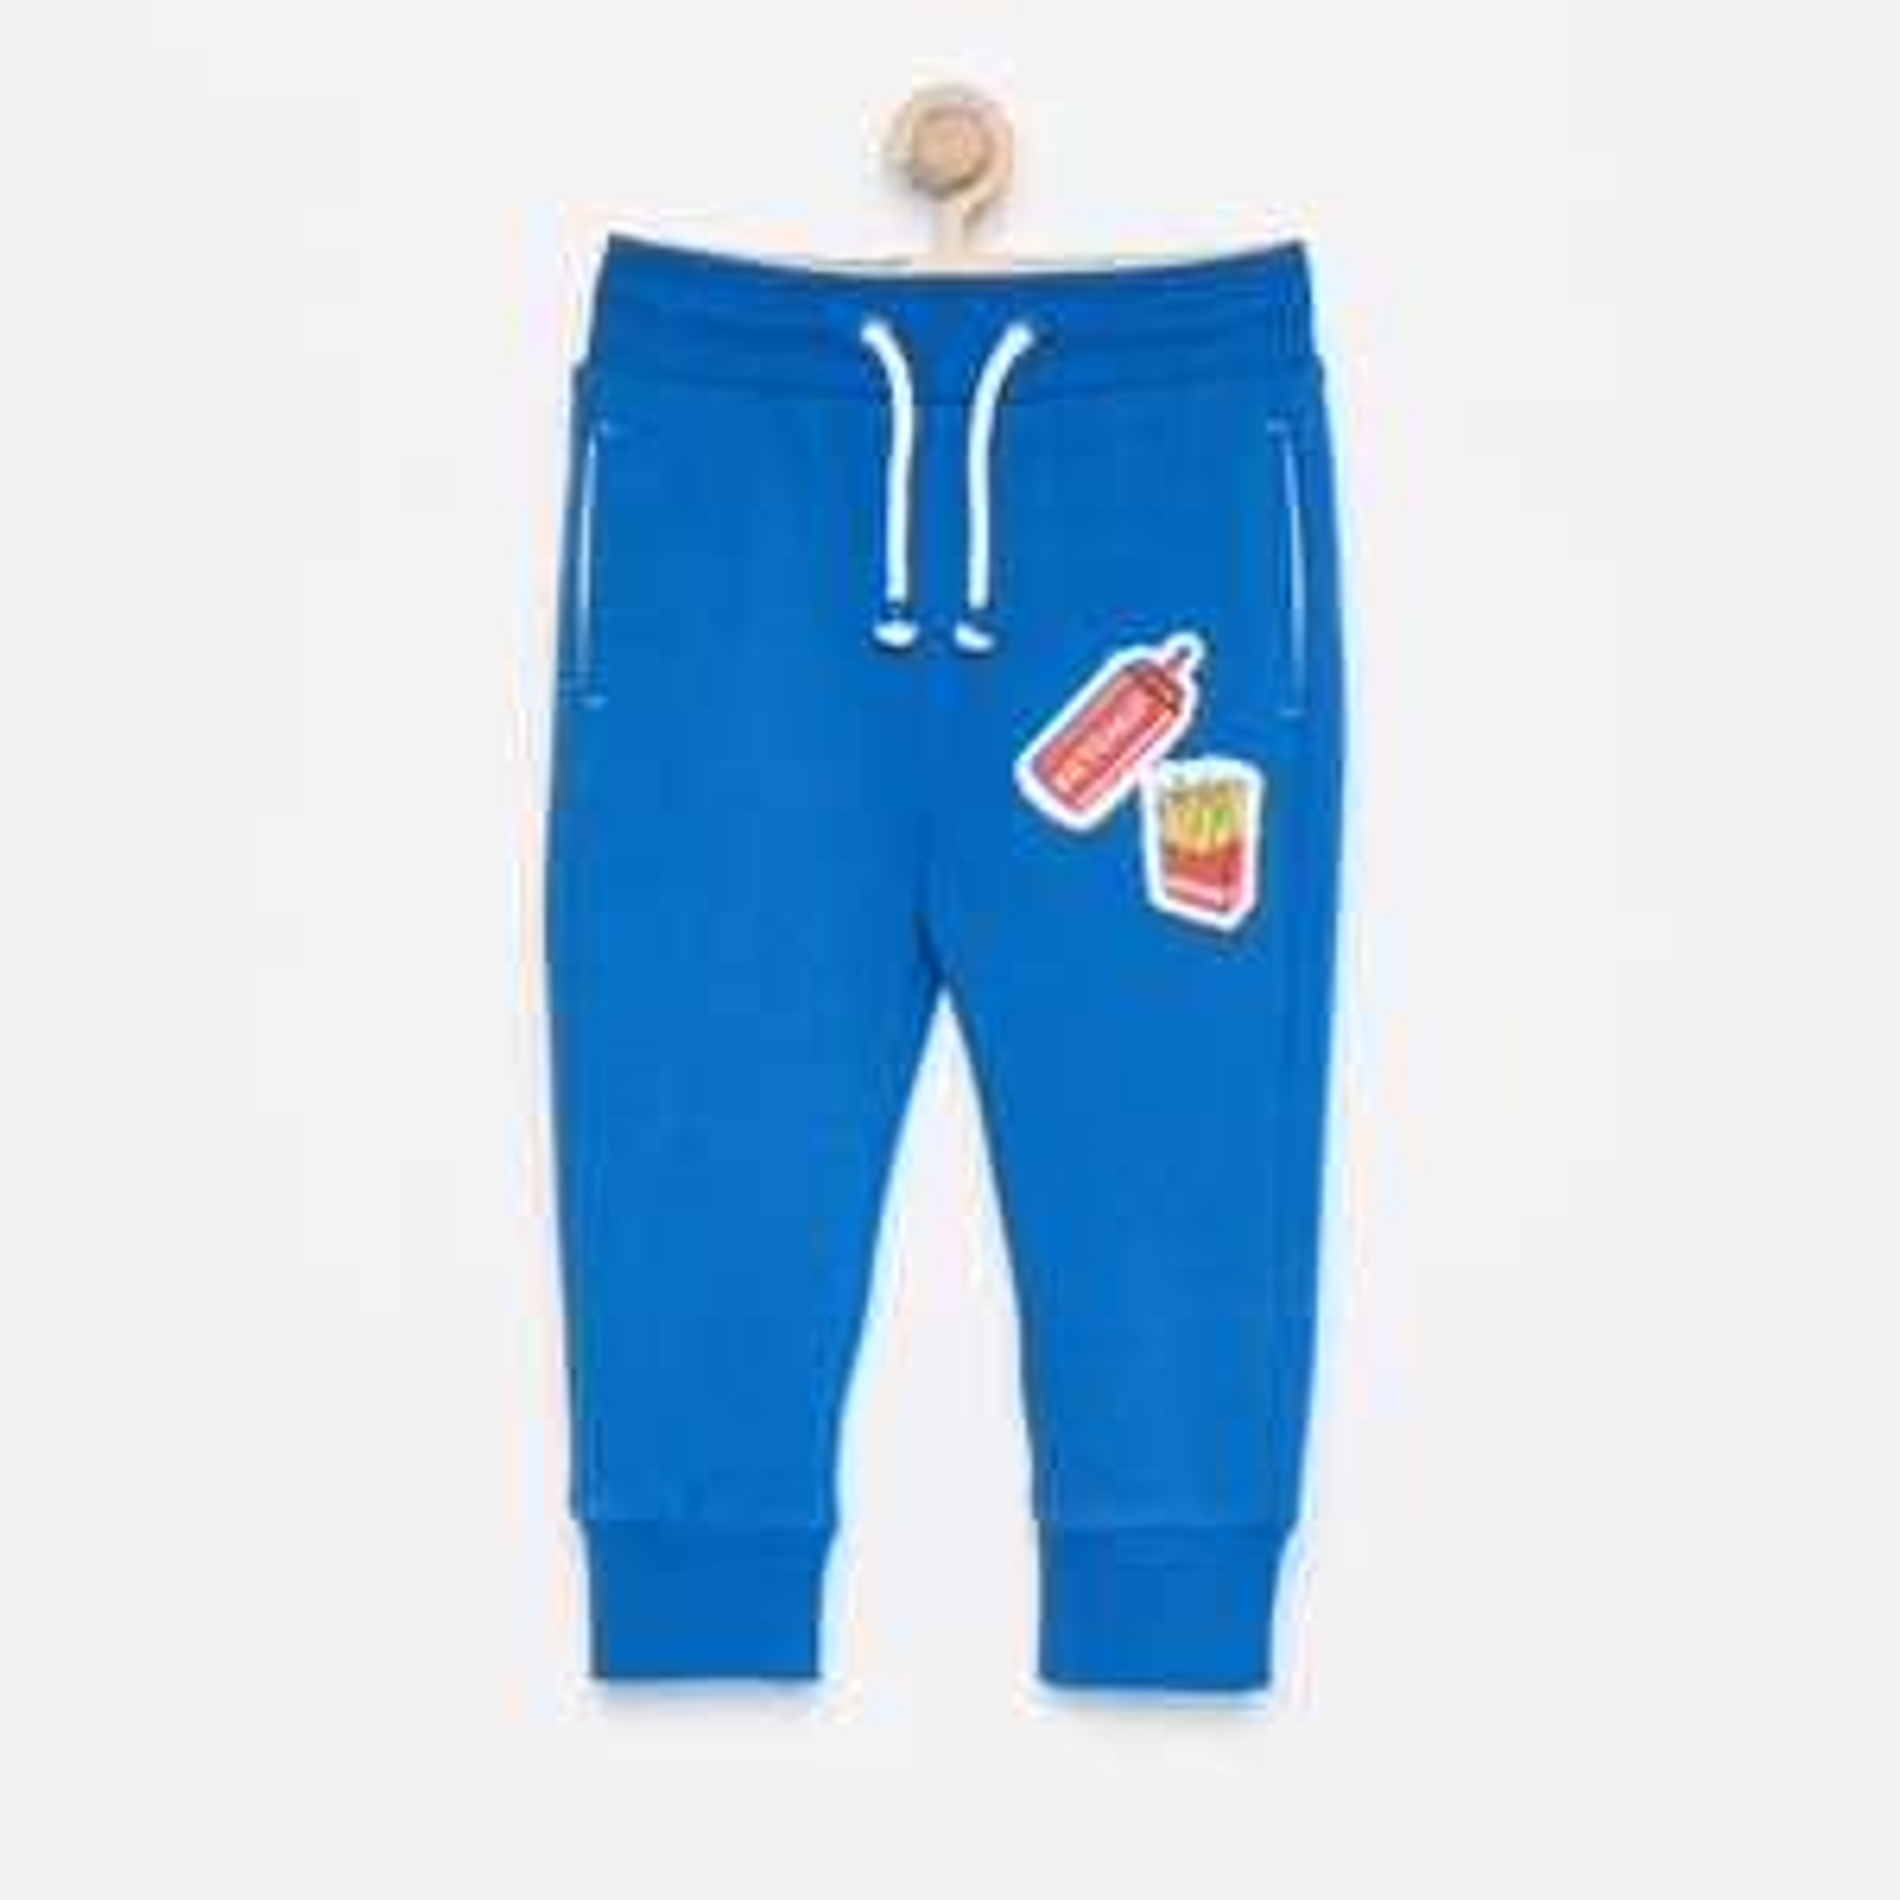 Dziecięce spodnie dresowe za 14,99zł (25zł taniej,3 kolory) + opcja darmowej dostawy @ Reserved